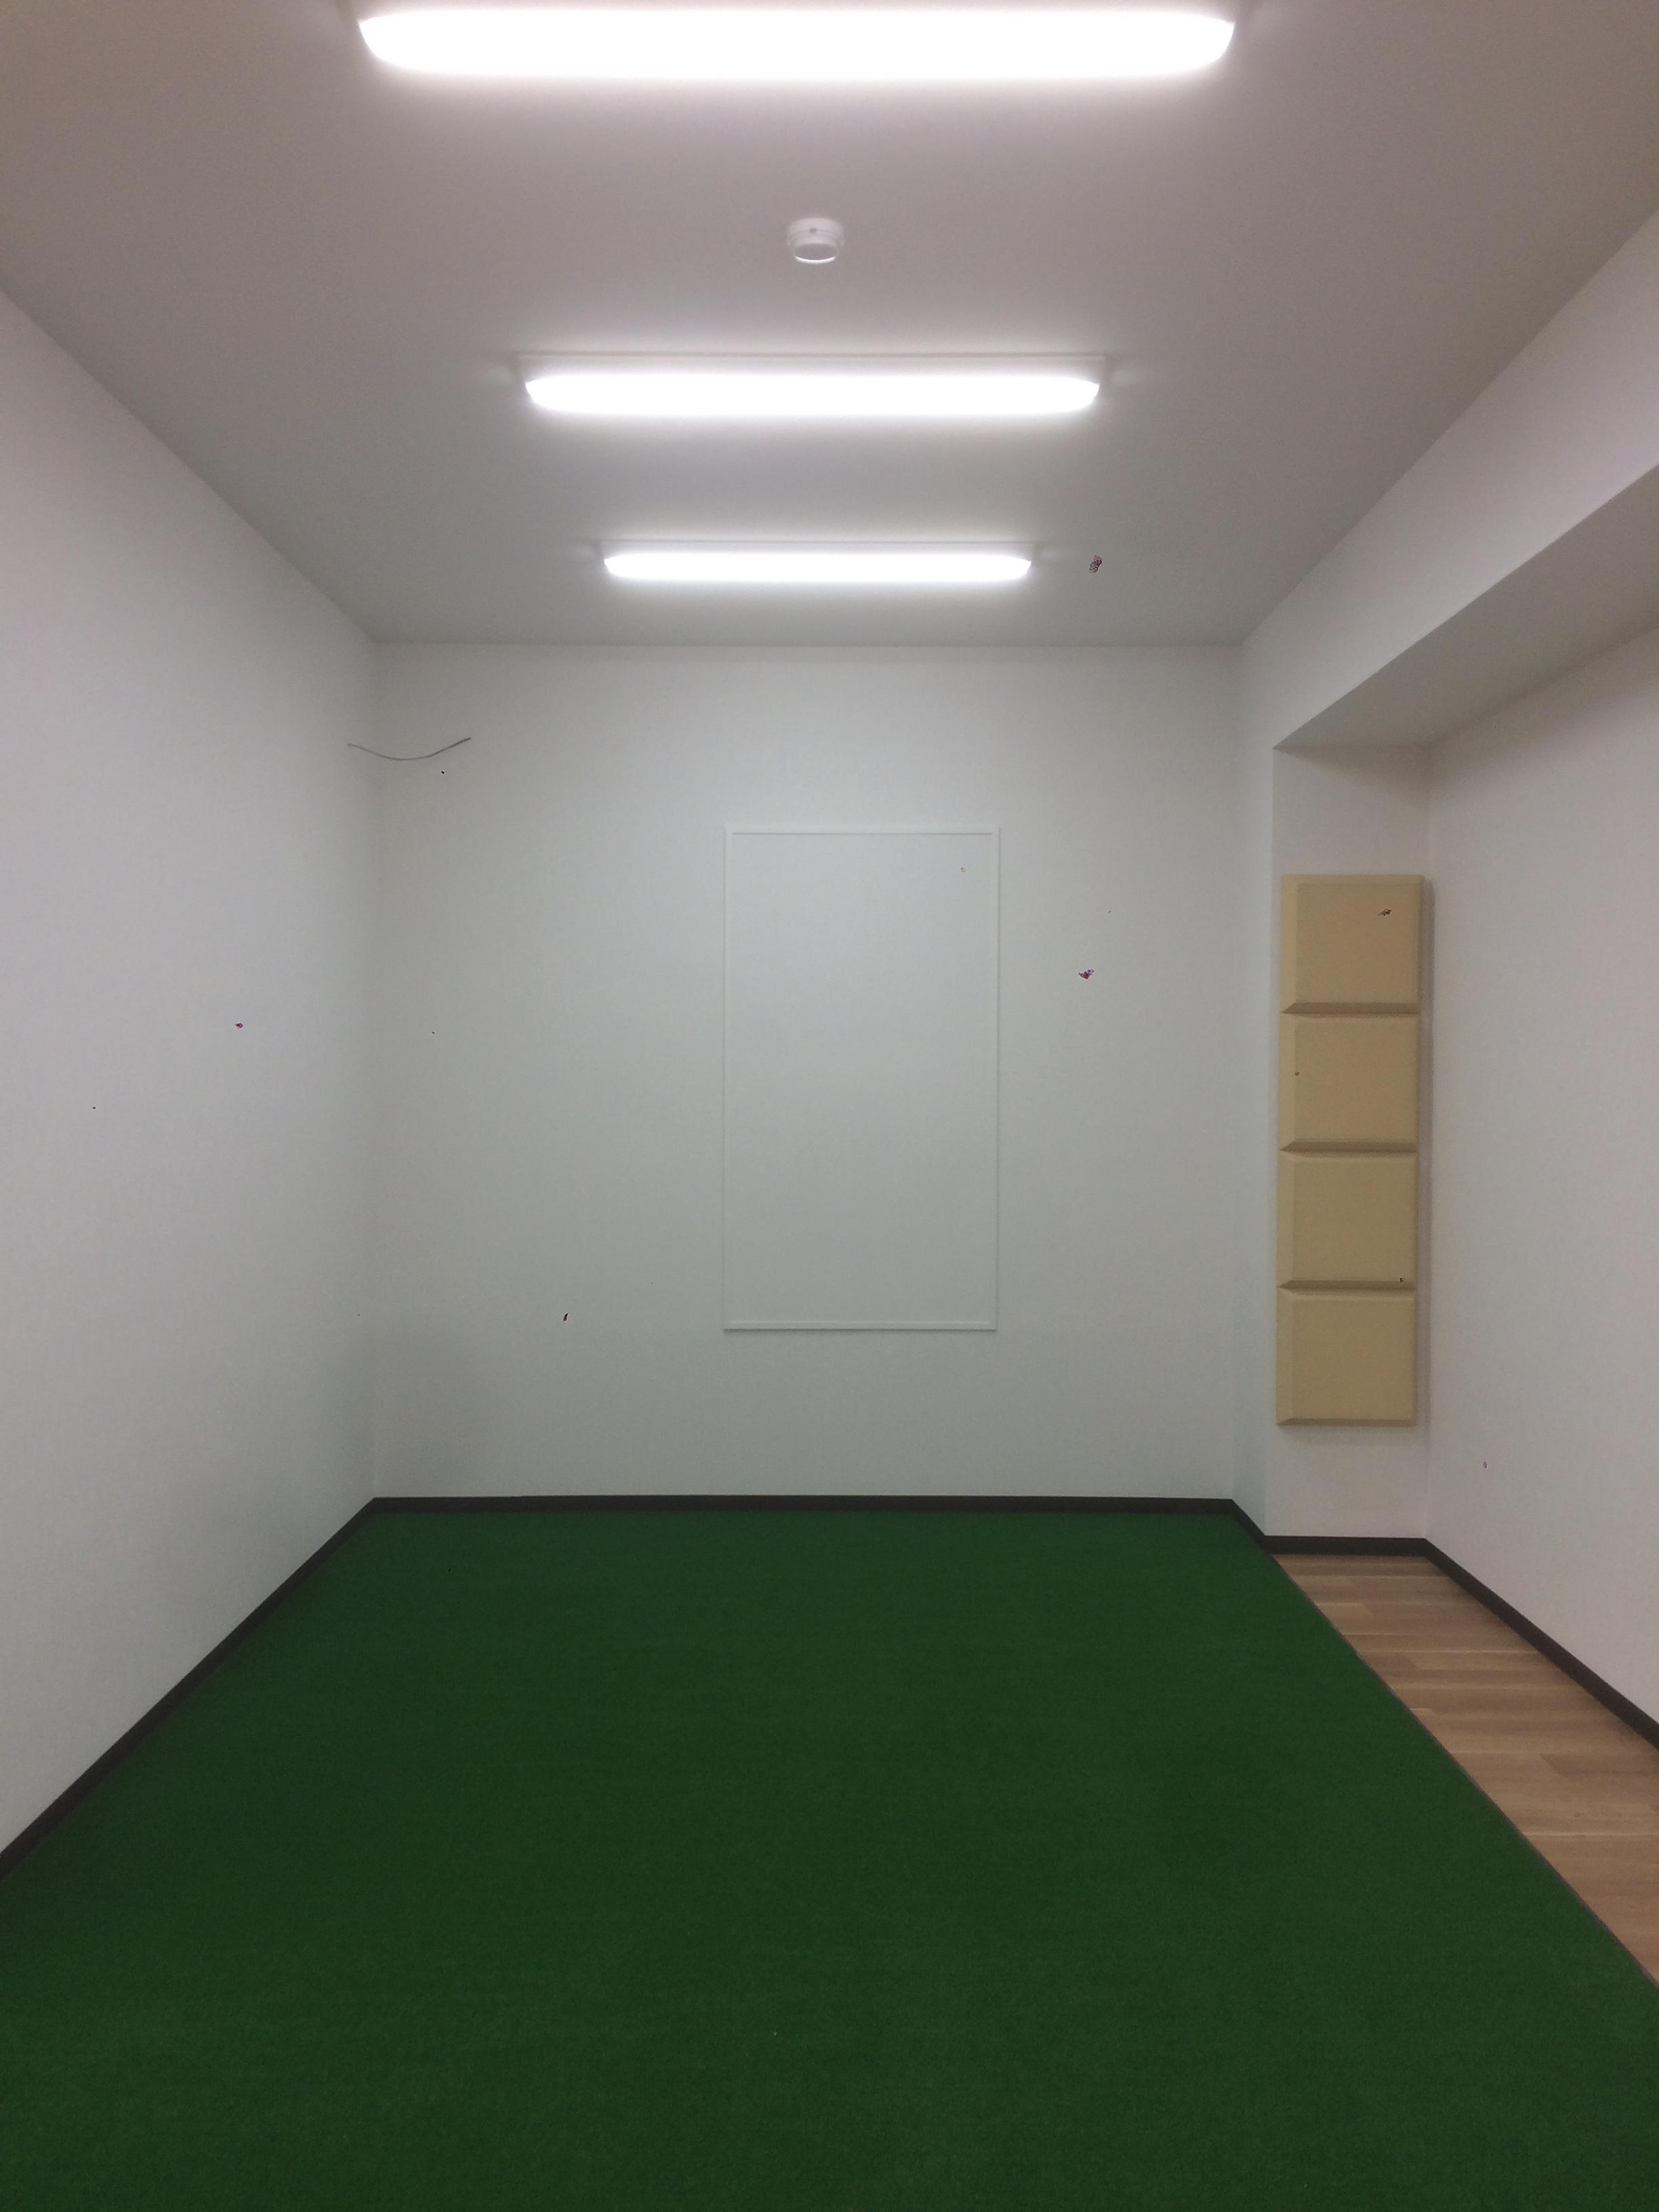 ゴルフショップ移転工事 ④